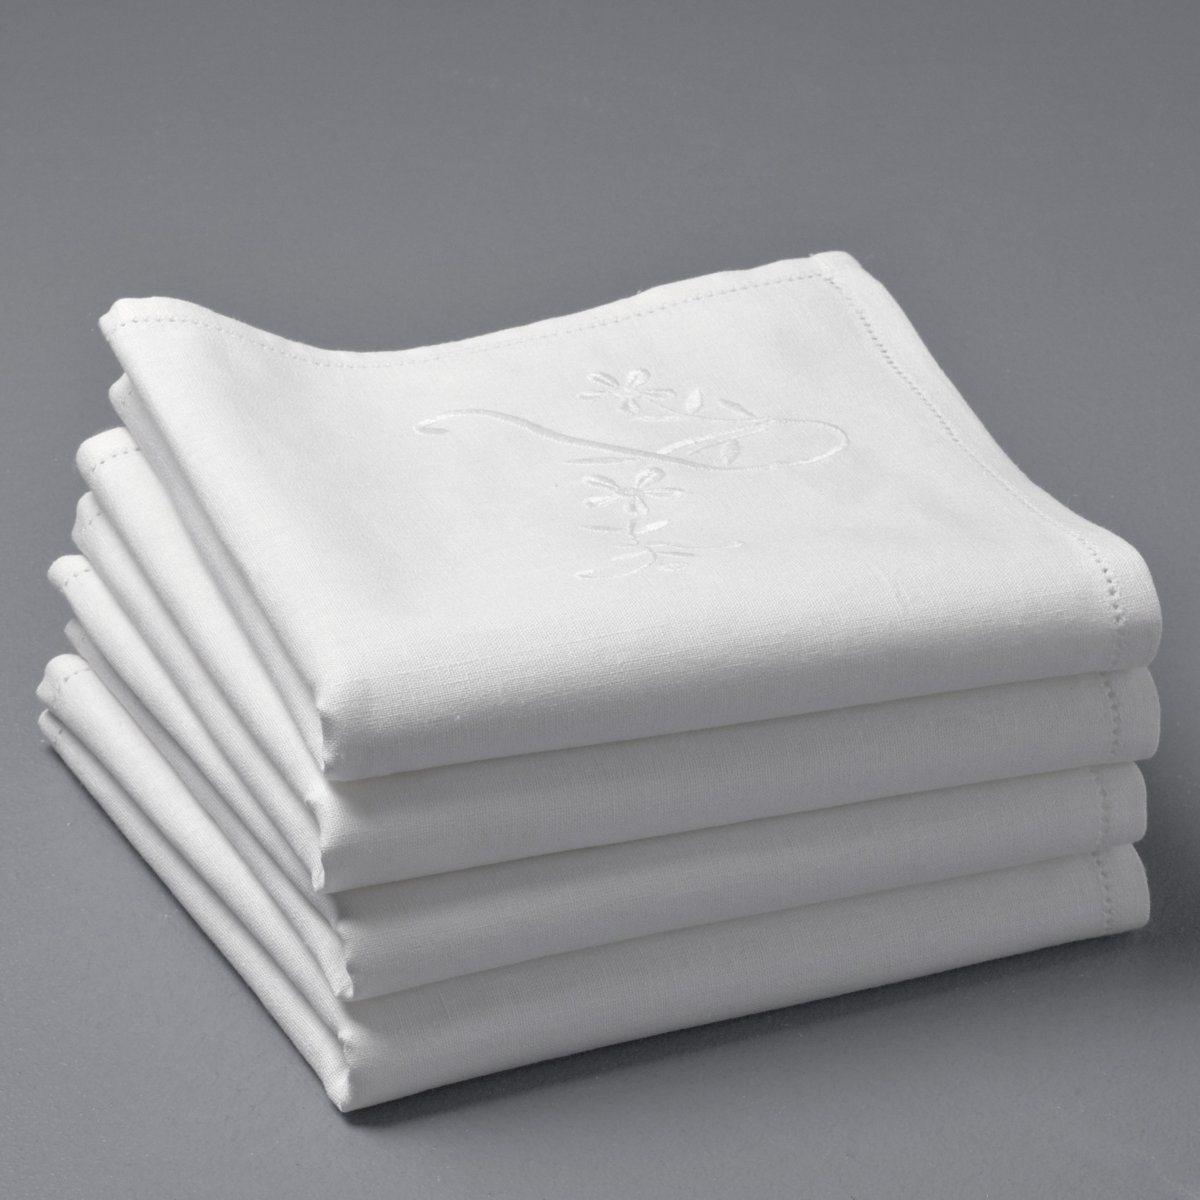 4 салфетки Монограмма4 салфетки Монограмма из смесовой ткани с вышивкой в тон. Романтичный шик в духе прошлых лет! Мягкий и прочный материал из 55% льна и 45% хлопка. Вышитая монограмма L с цветочным узором. Стирка при 40°. 45 х 45 см.<br><br>Цвет: белый